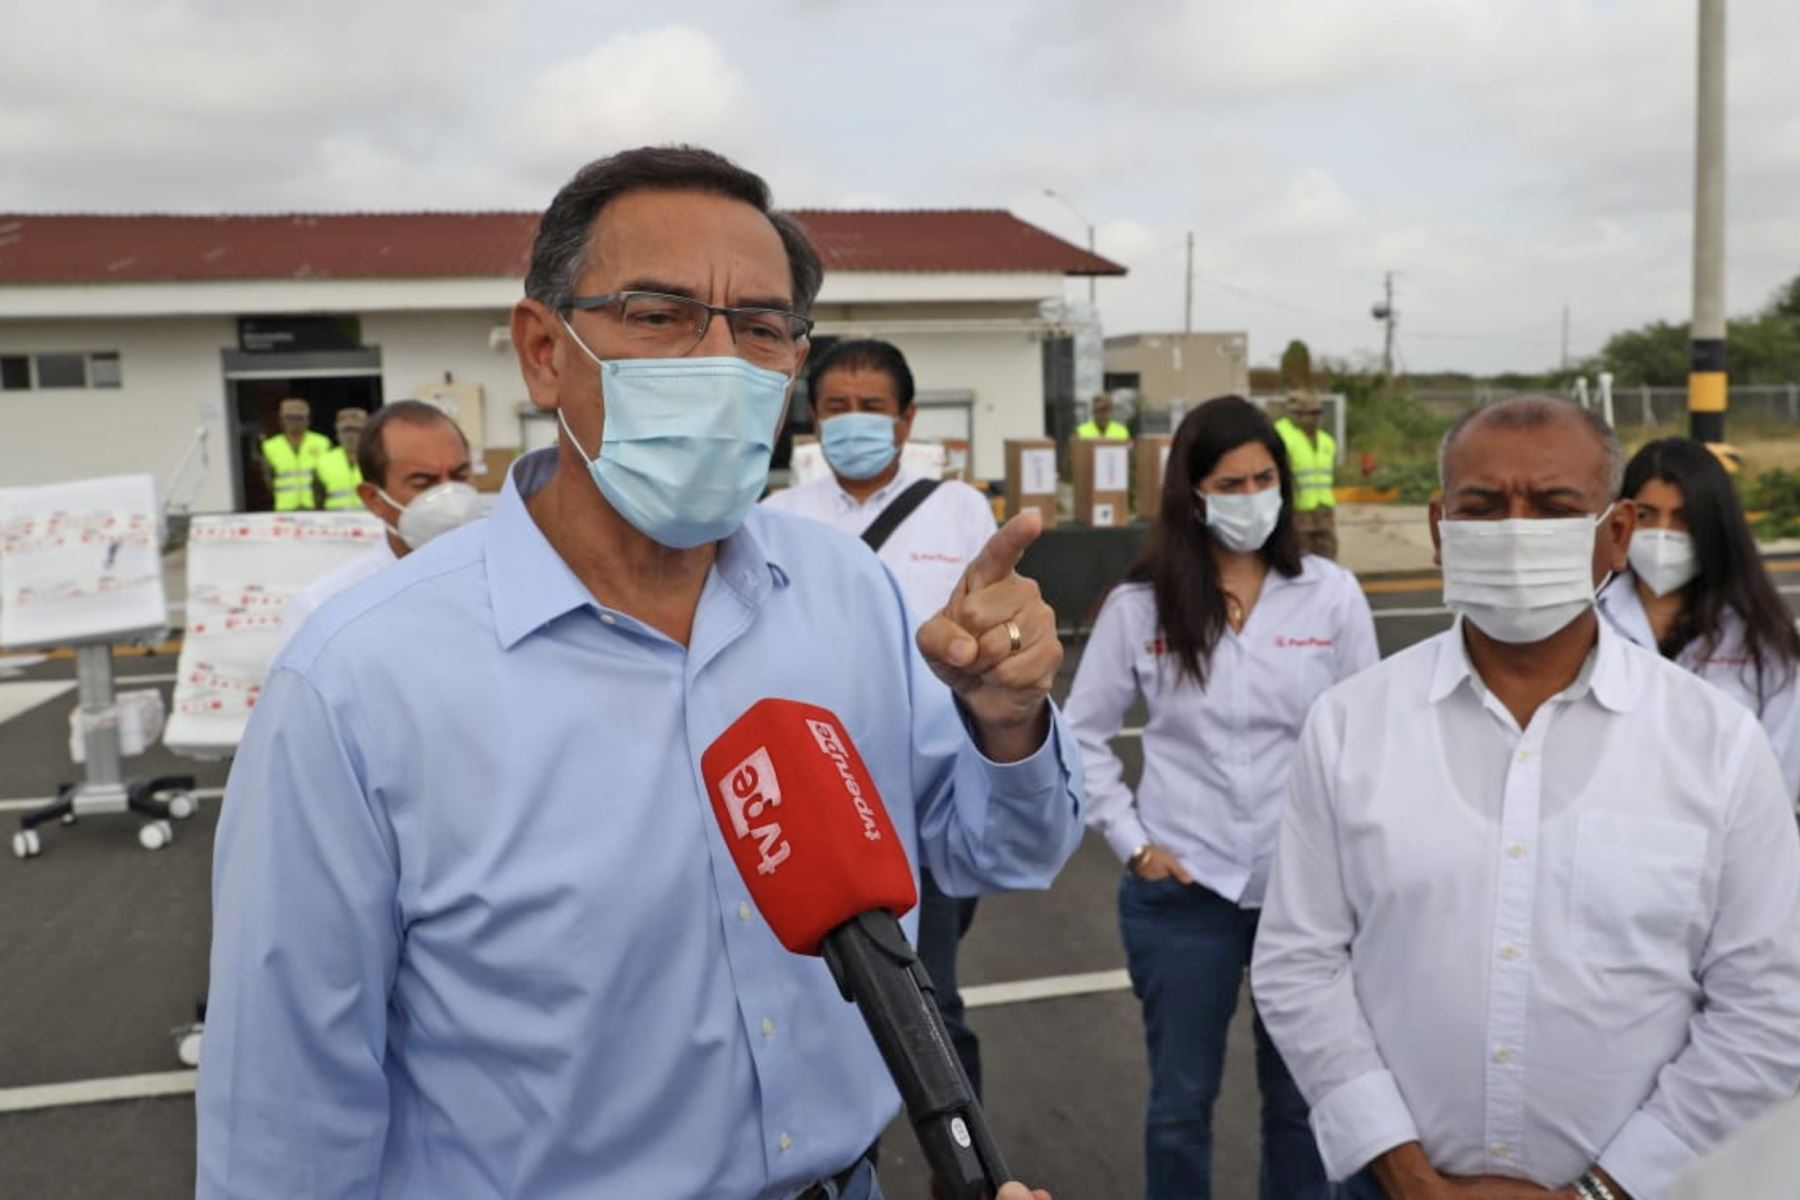 El mandatario llegó esta mañana a la región Tumbes con estos equipos, que forman parte de un lote de 400 adquiridos recientemente a una empresa china. Foto: ANDINA/ Prensa Presidencia